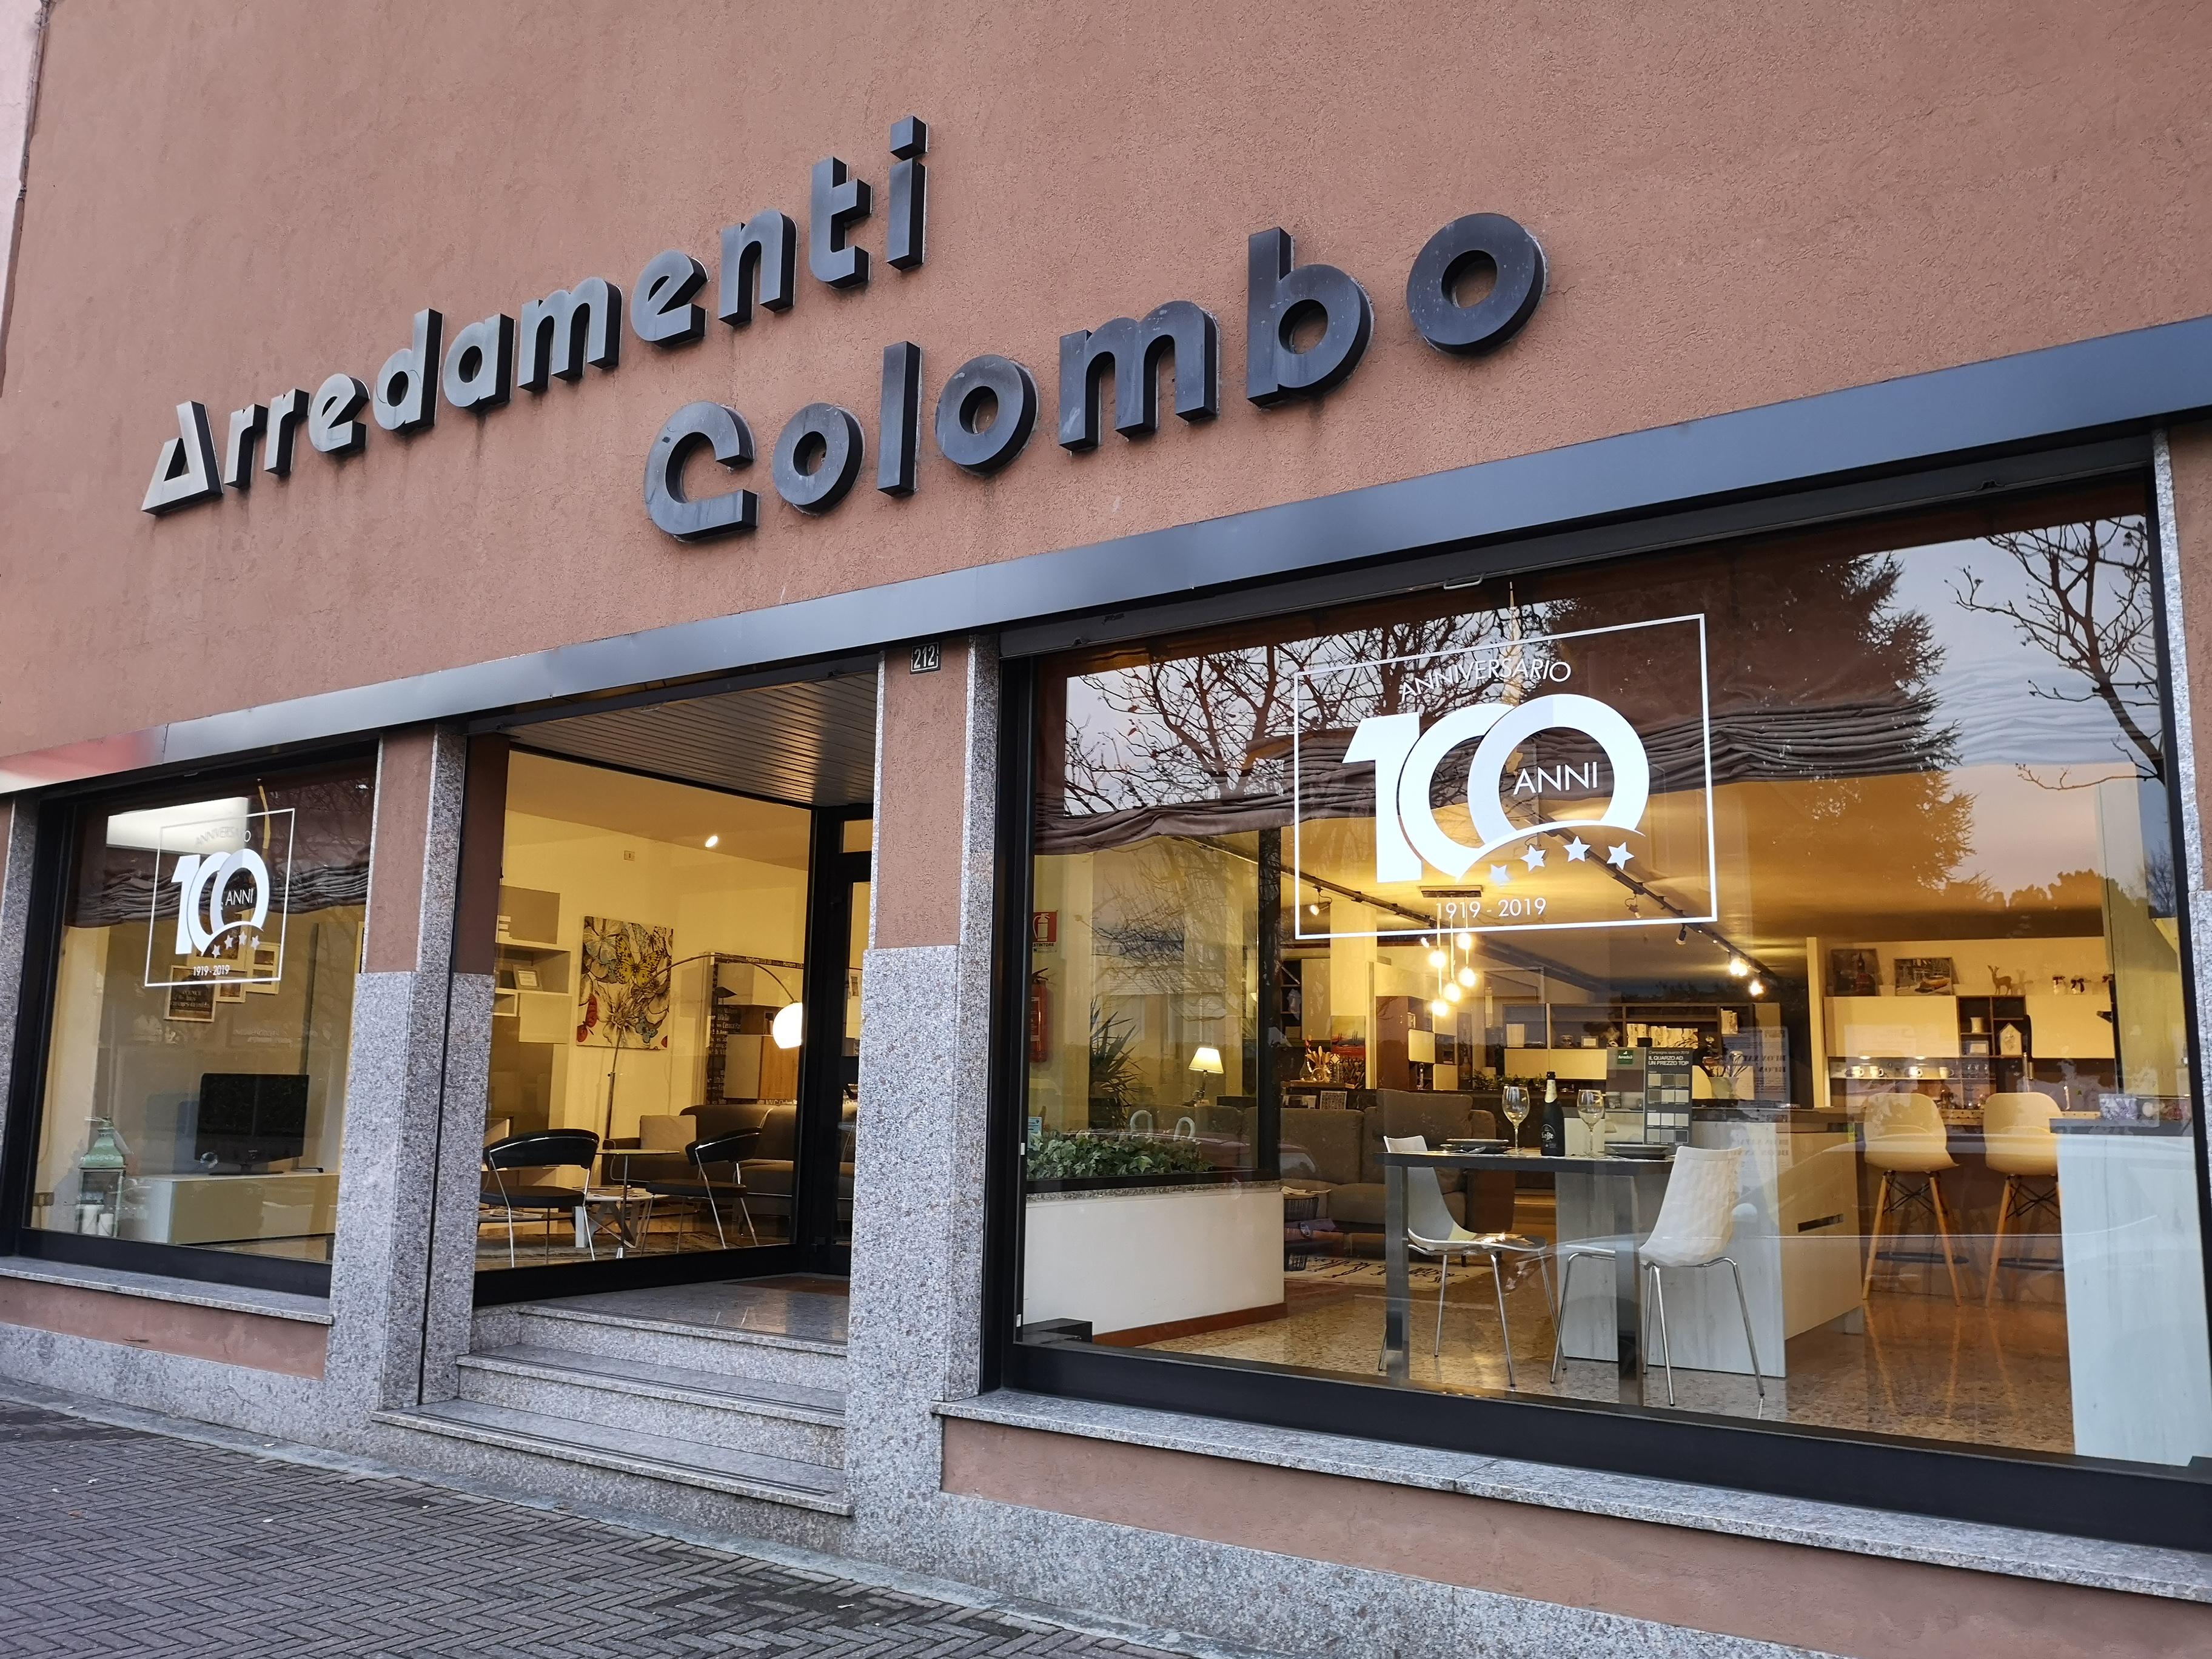 Arredamenti Colombo - Desio (MB)